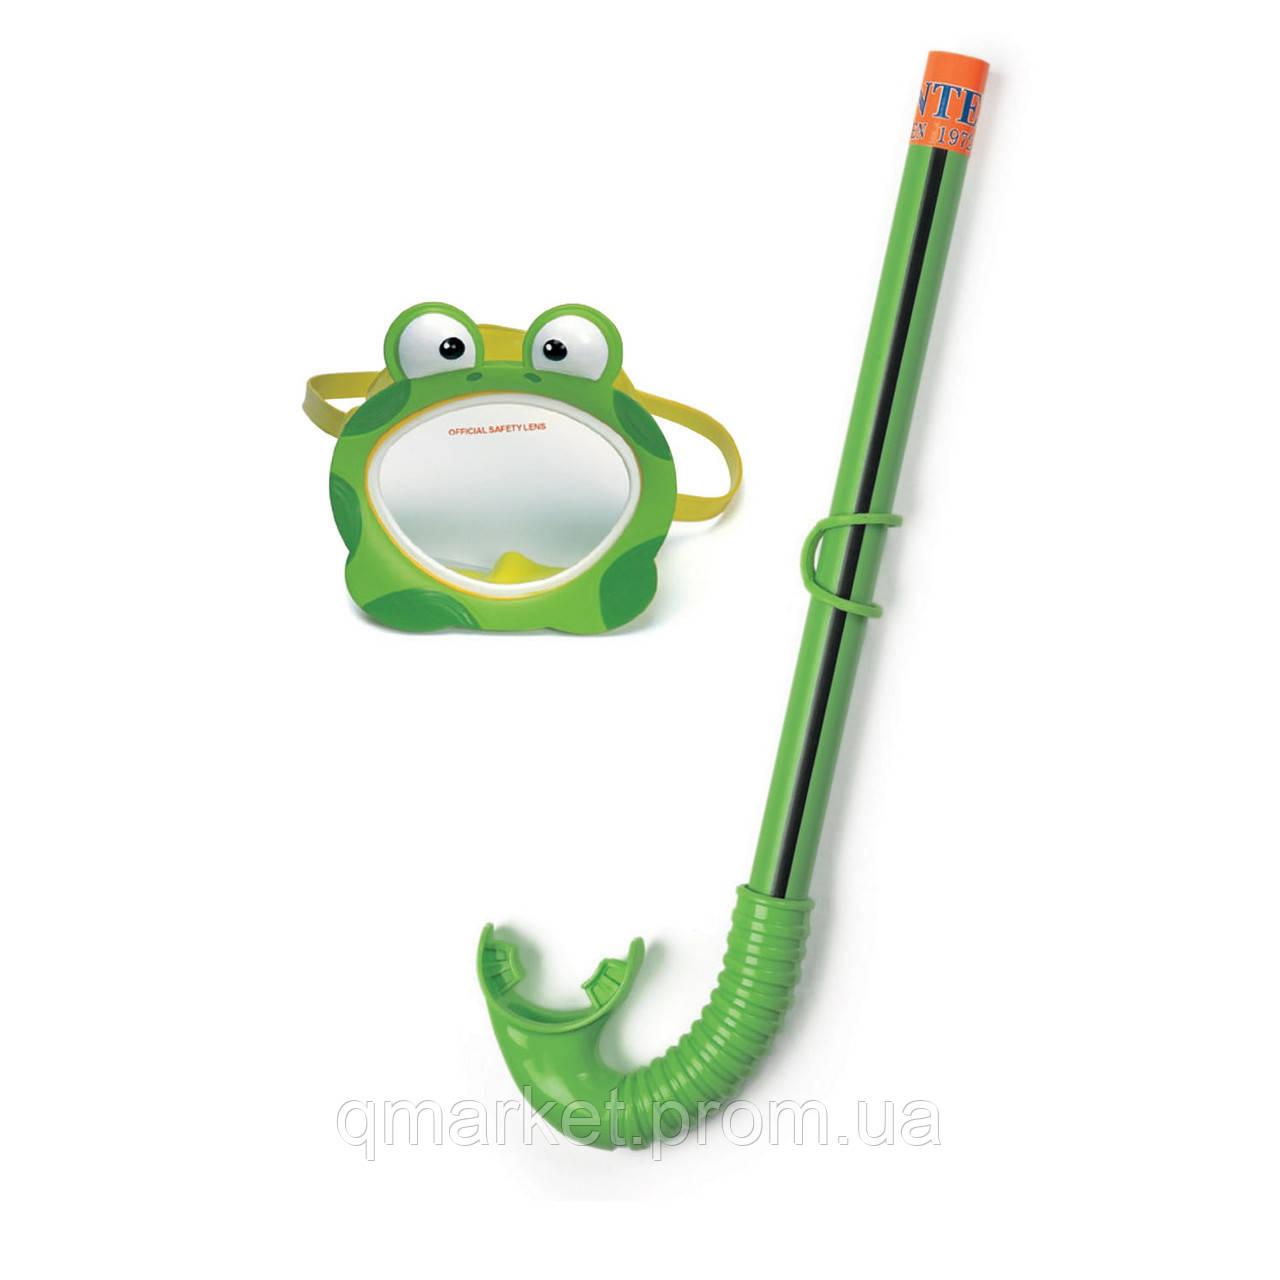 Набор для плавания (маска + трубка) Intex 55940, набор для подводного плавания для детей 3-8 лет  - Интернет-магазин «Qmarket» в Одессе